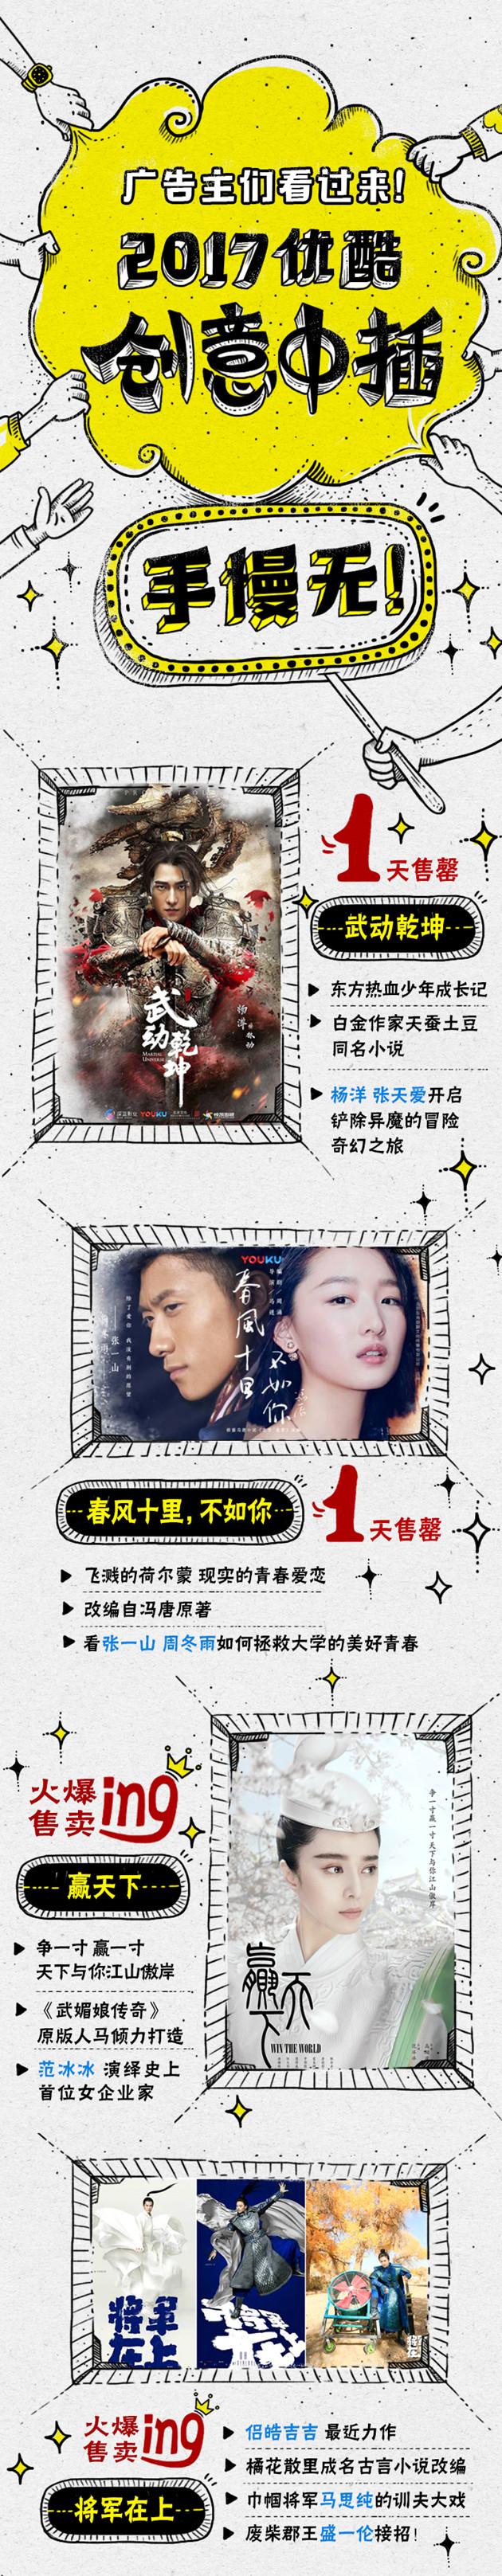 youku-20170310-4